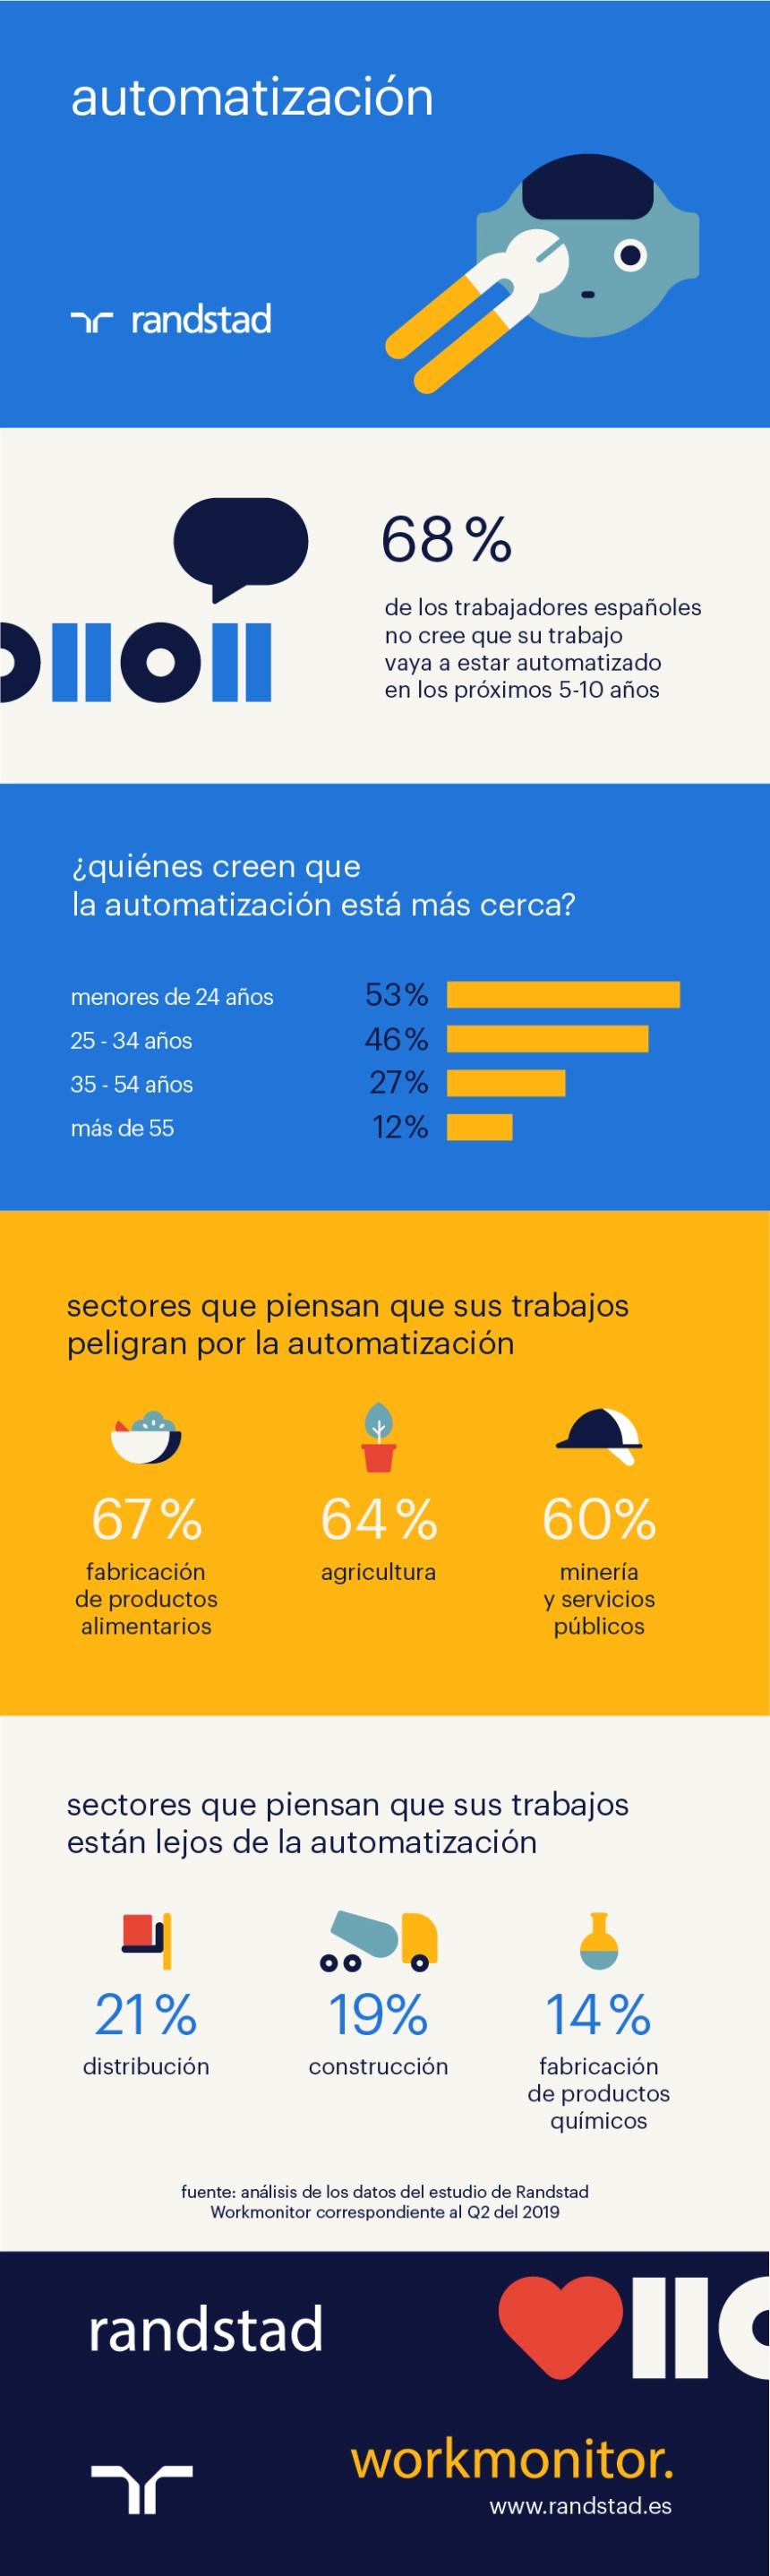 ¿Creen que los españoles que su trabajo se va a automatizar?